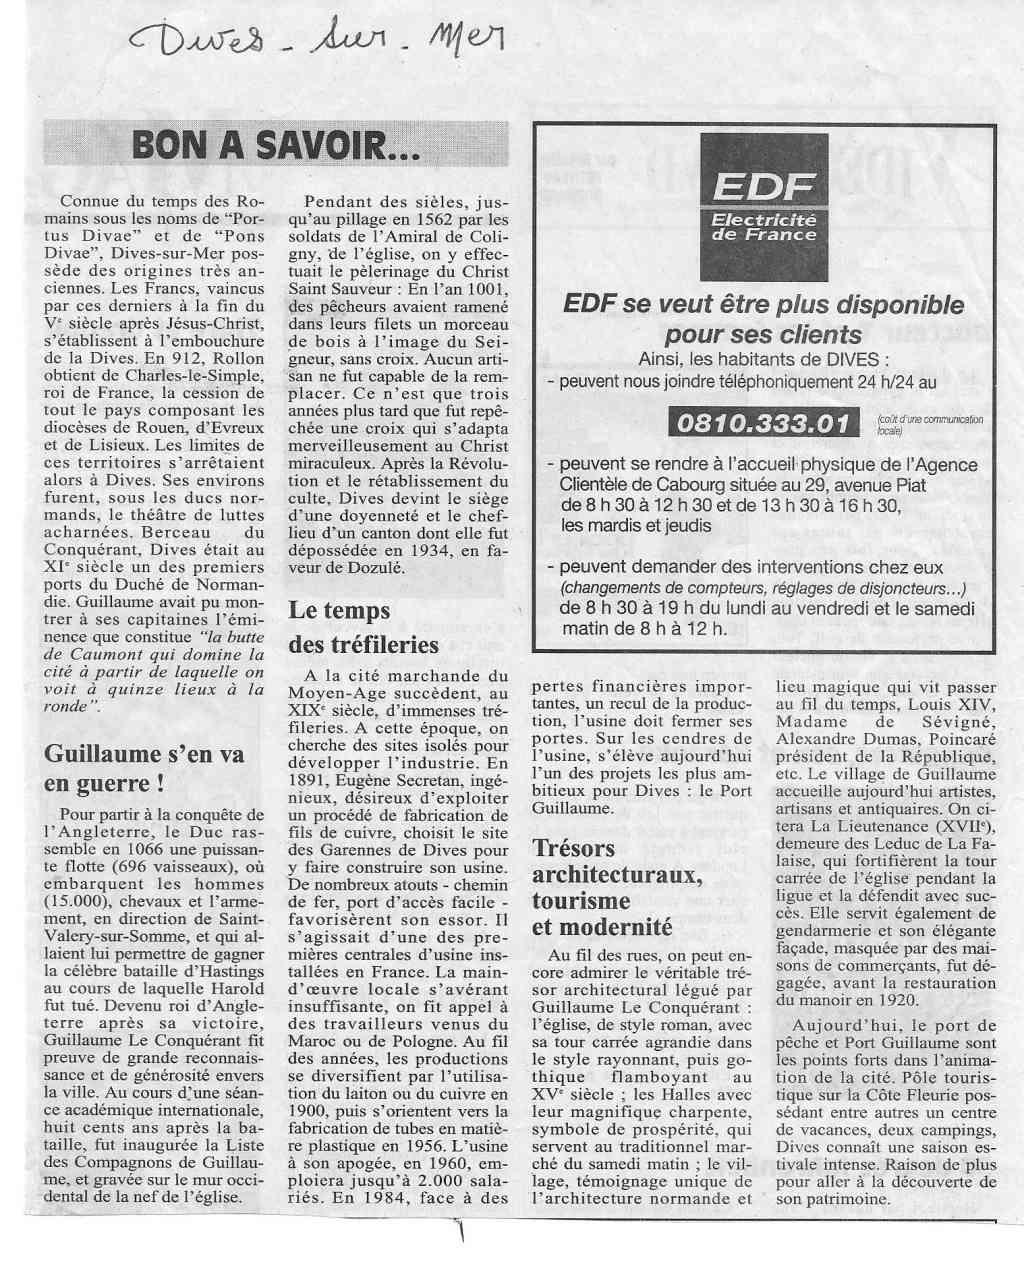 Histoire des communes - Dives-sur-Mer 1103